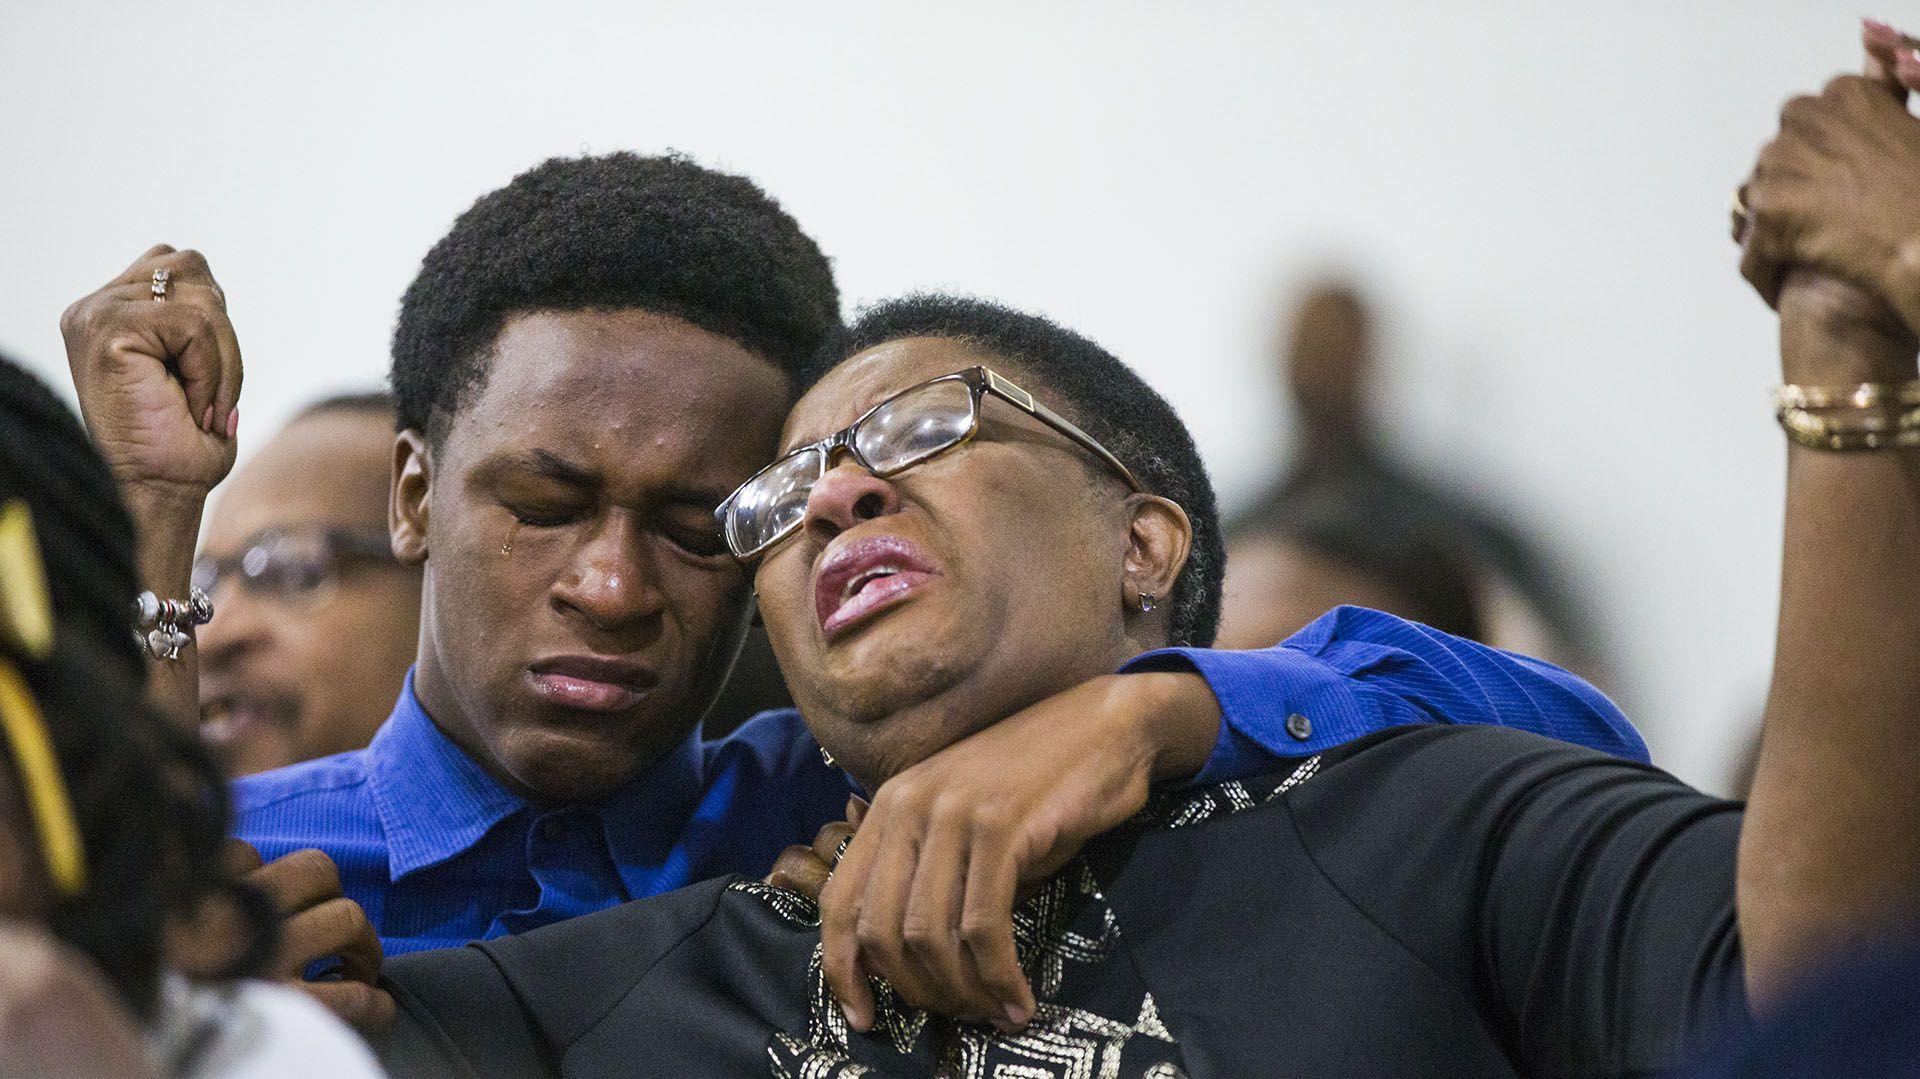 Allison Jean, madre de la víctima,  junto a su hijo Grant durante una ceremonia en una iglesia en Dallas el pasado 9 de septiembre. (Shaban Athuman/The Dallas Morning News via AP)